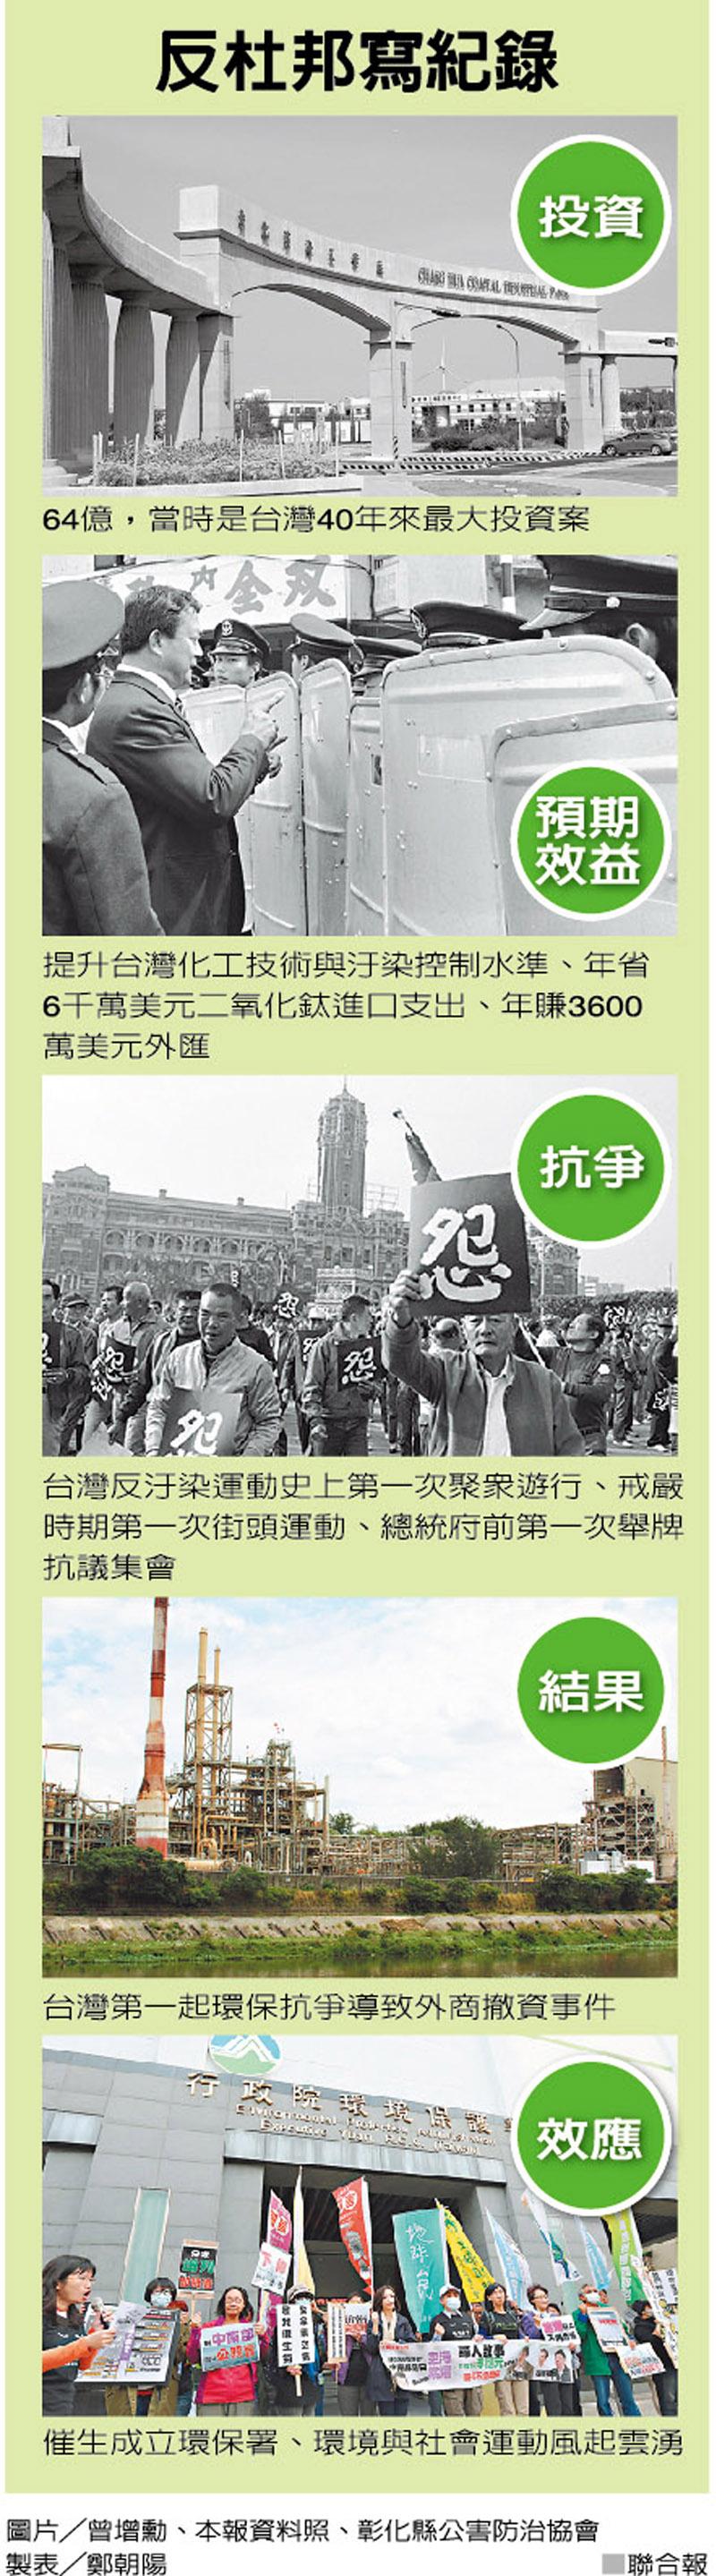 34年前鹿港社運 聯合報報導